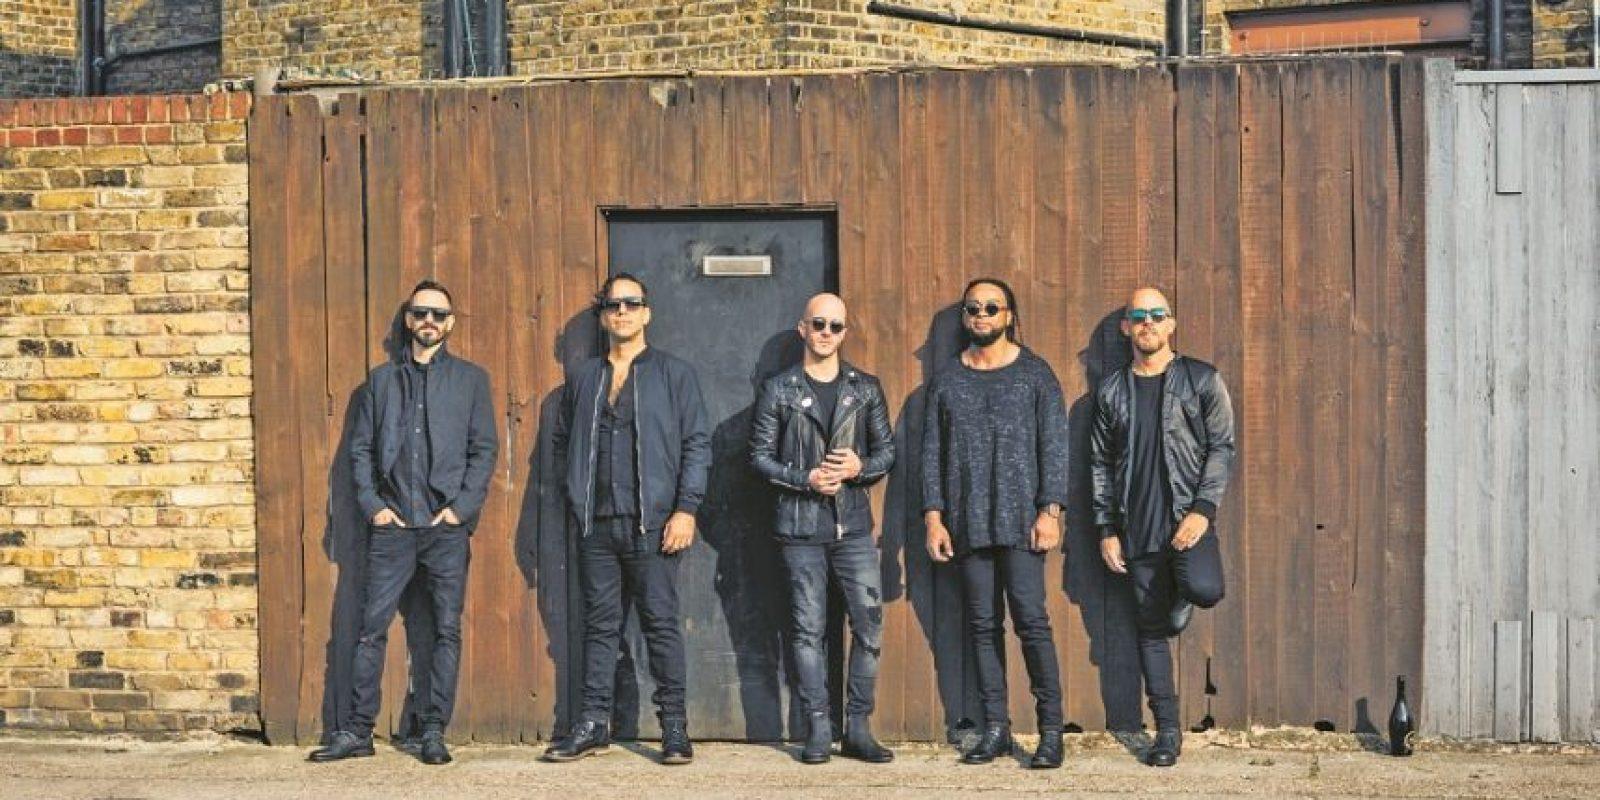 Cultura Profética es una banda de reggae originaria de Puerto Rico que hizo su debut en 1996 y está dirigida por Willy Rodríguez, Omar Silva, Eliut González y Boris Bilbraut./Fuente externa Foto:Fuente externa